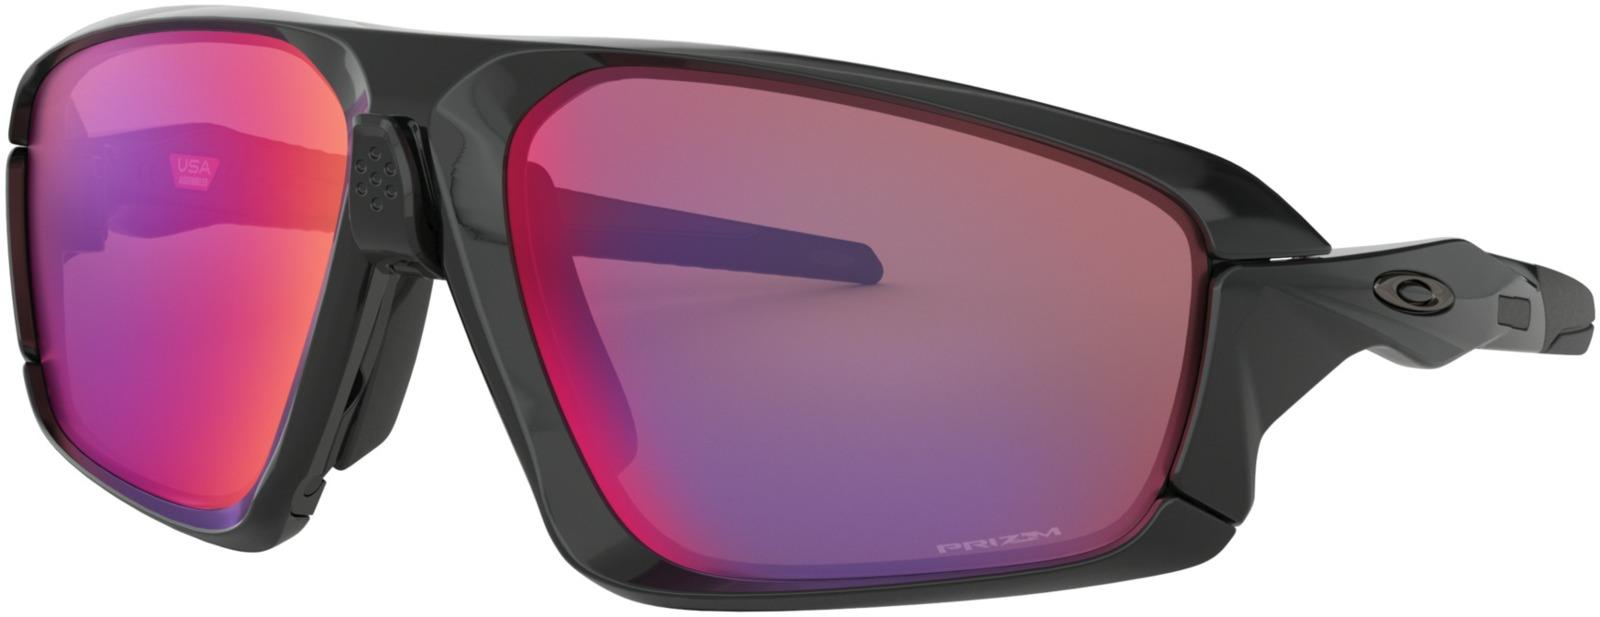 Велосипедные очки Oakley Field Jacket Polished, цвет: черный, серый